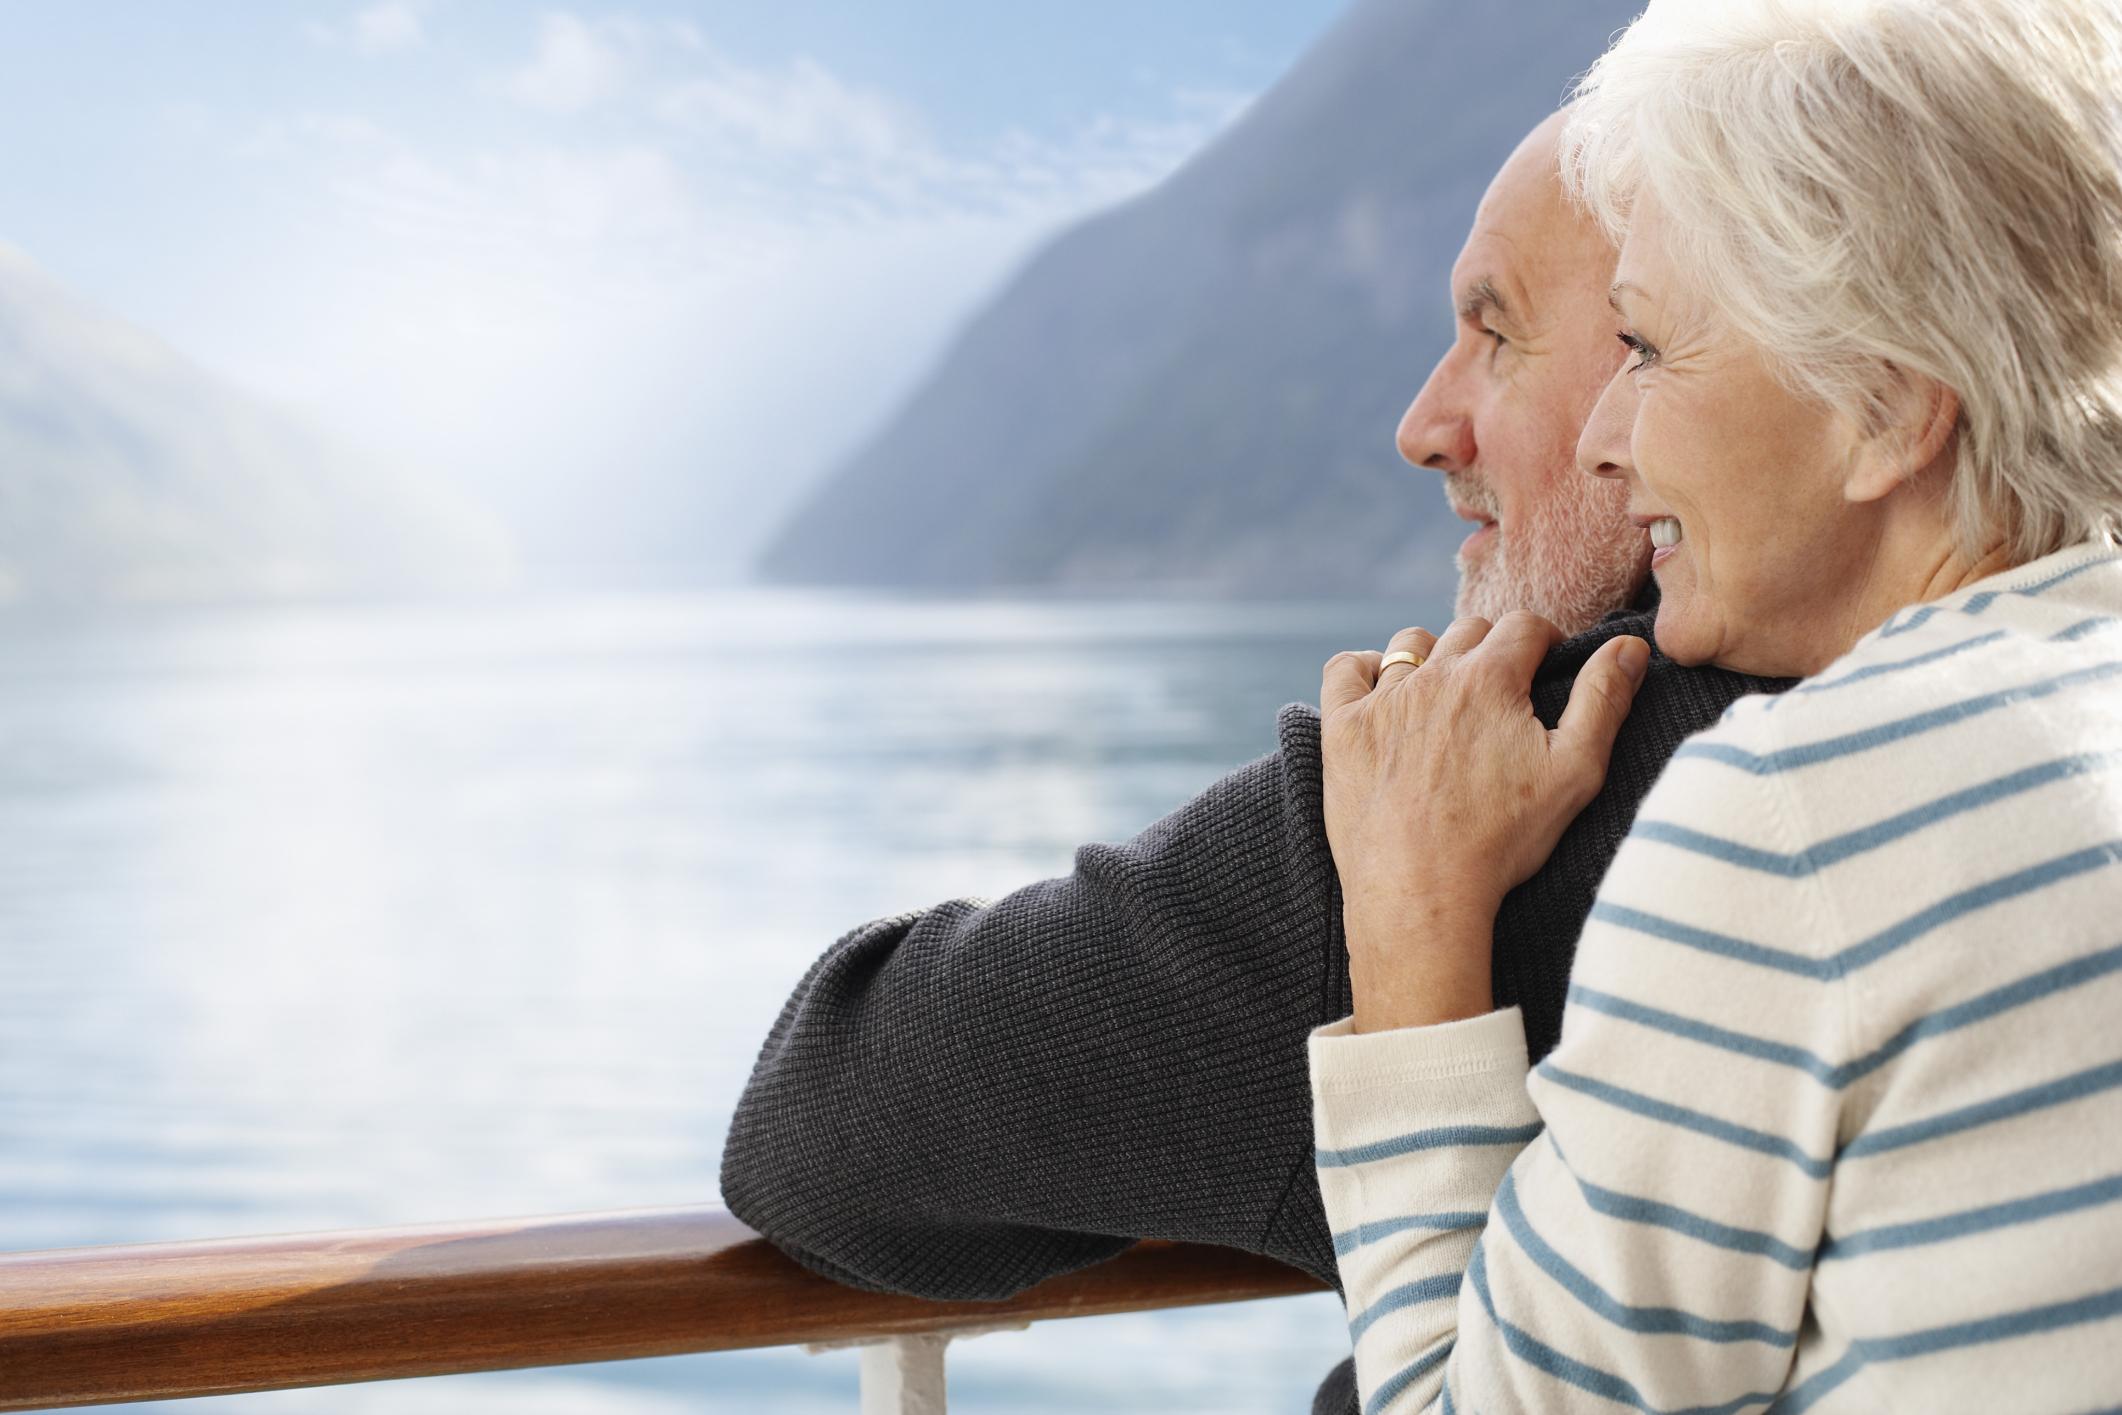 Jong en oud gaan samenwerken in pensioendossier